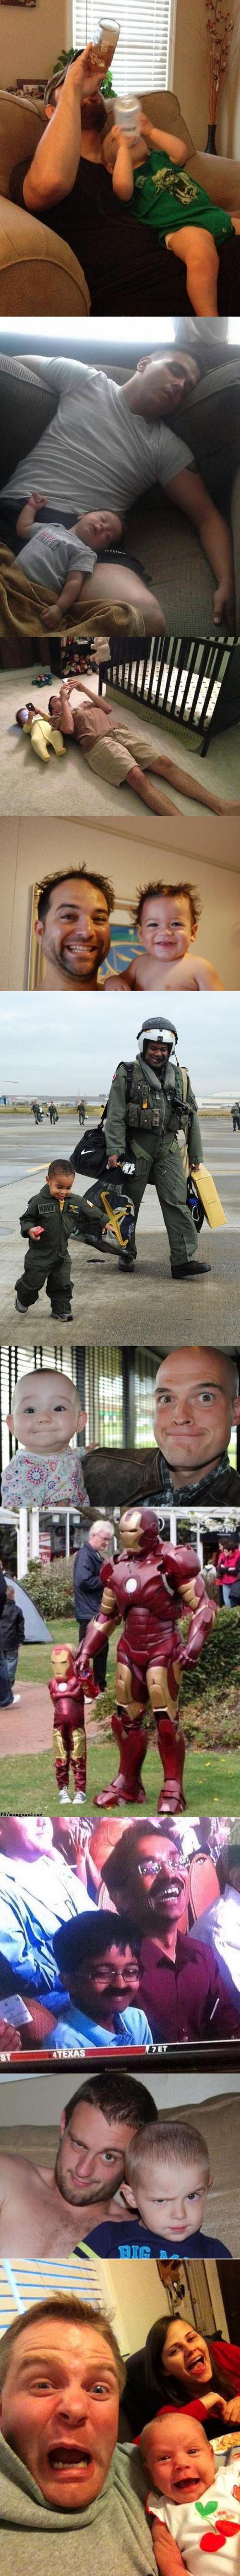 Familienbilder Vater mit Sohn sehen sich ähnlich